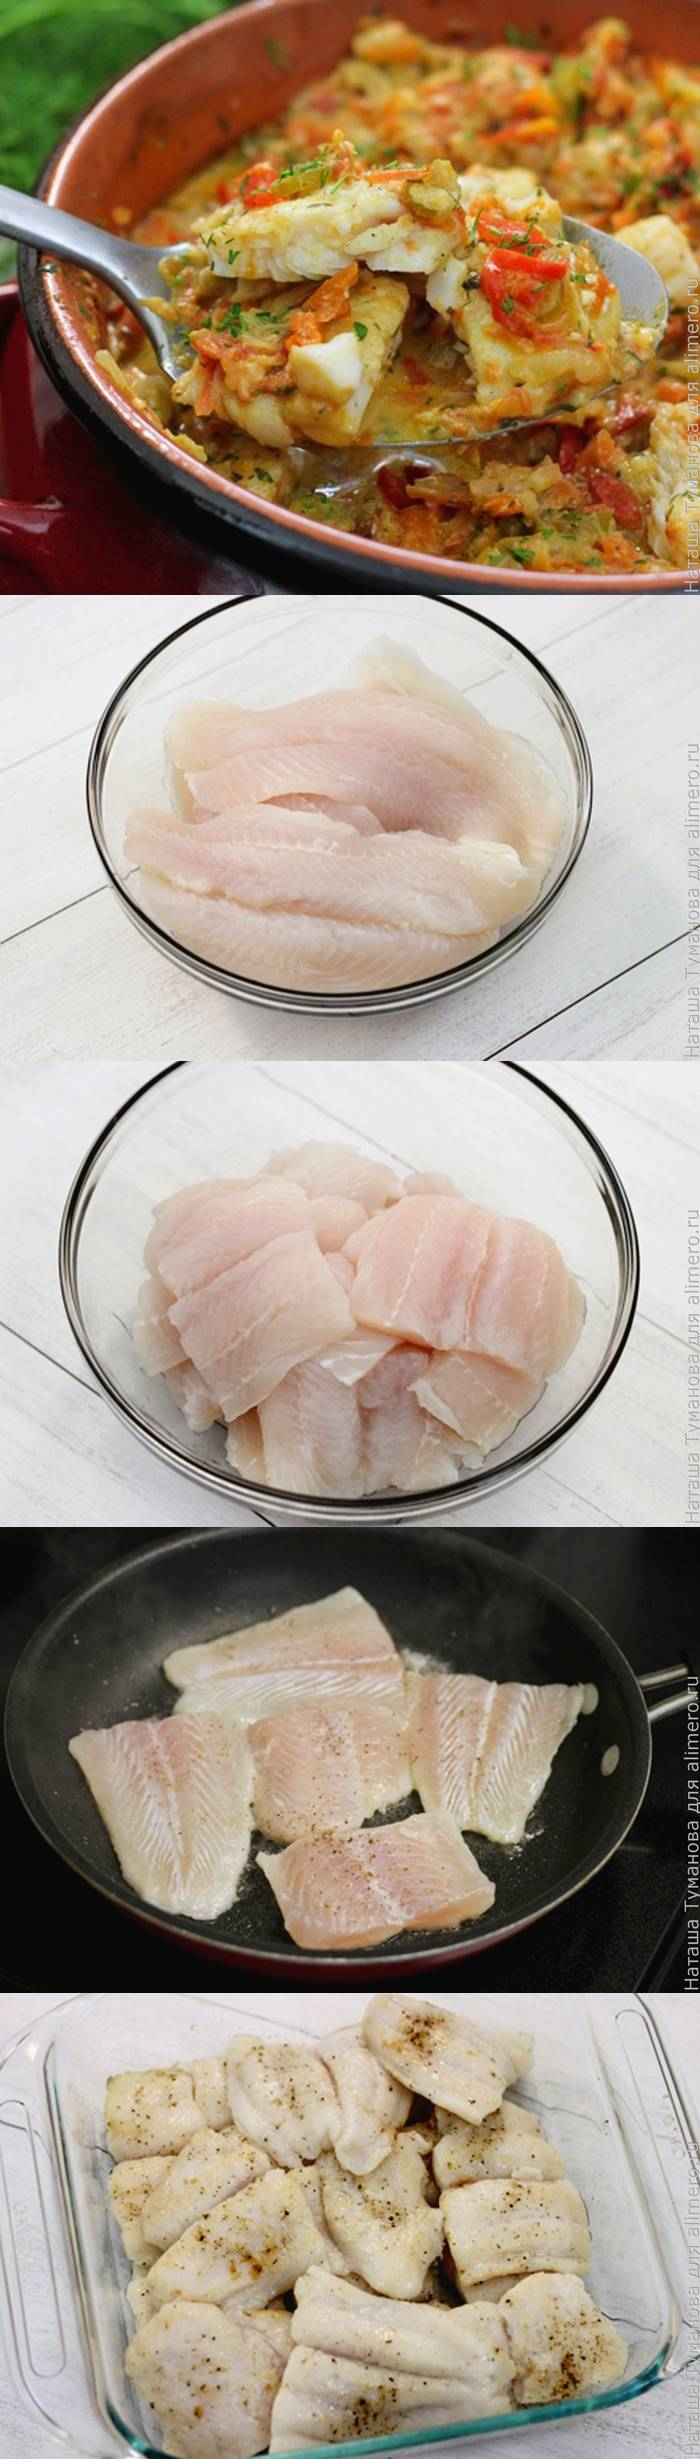 Белая рыба с овощами